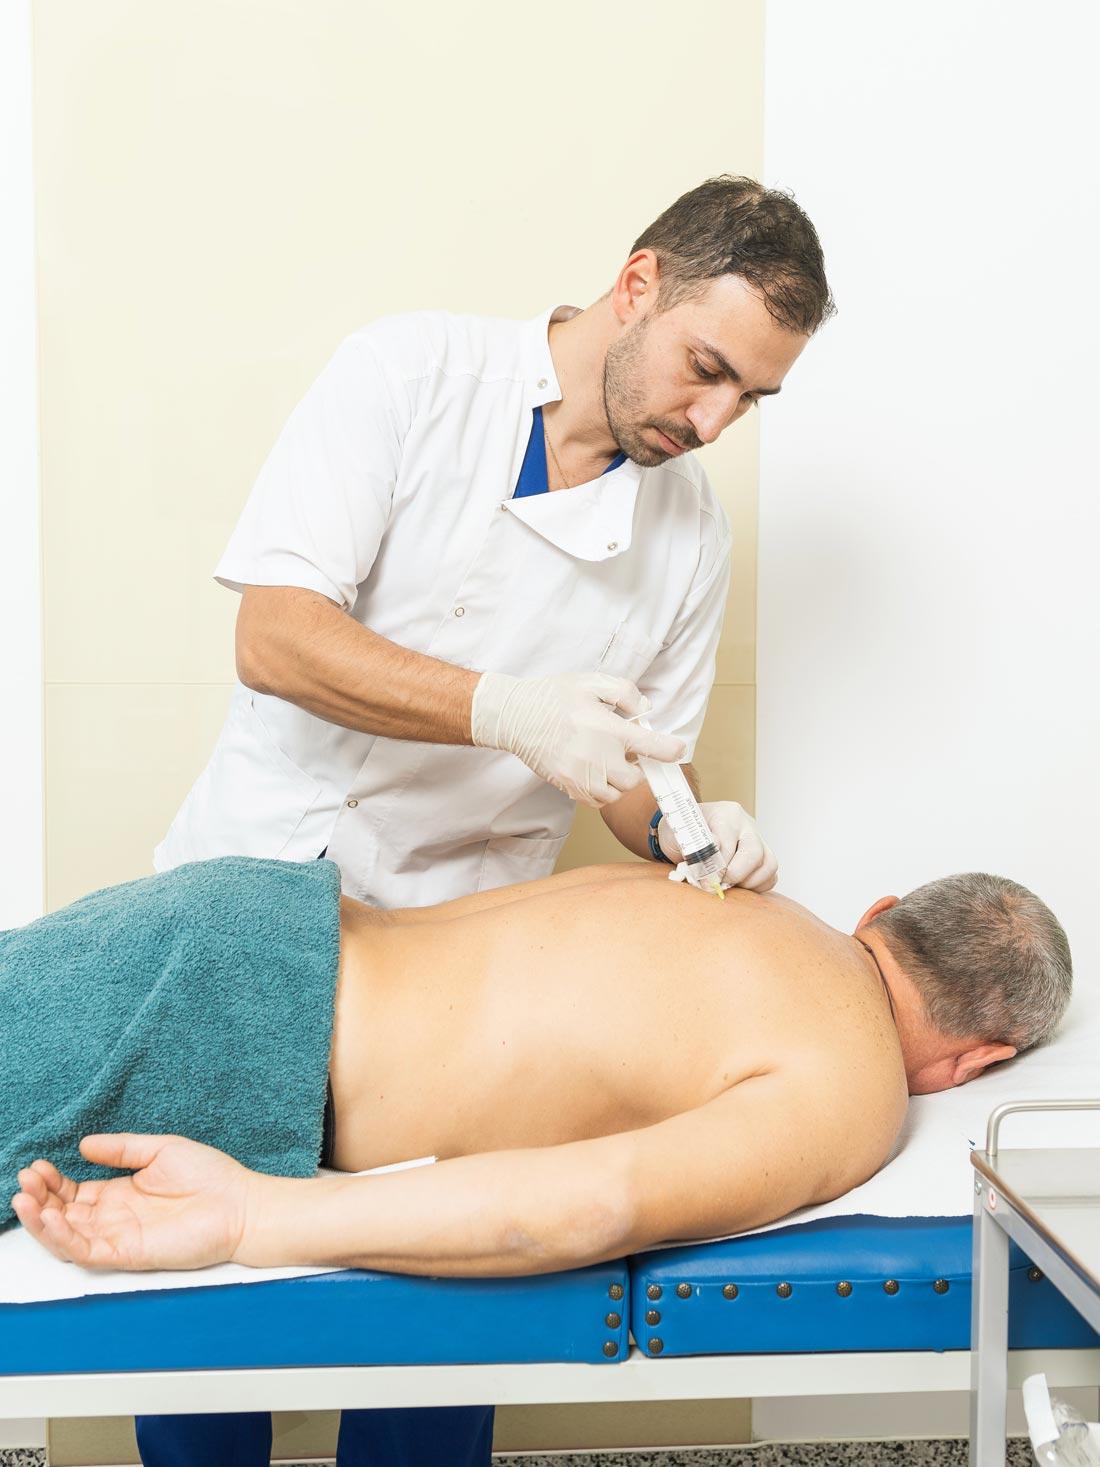 ozonoterapie în tratamentul artrozei calmarea durerilor de genunchi